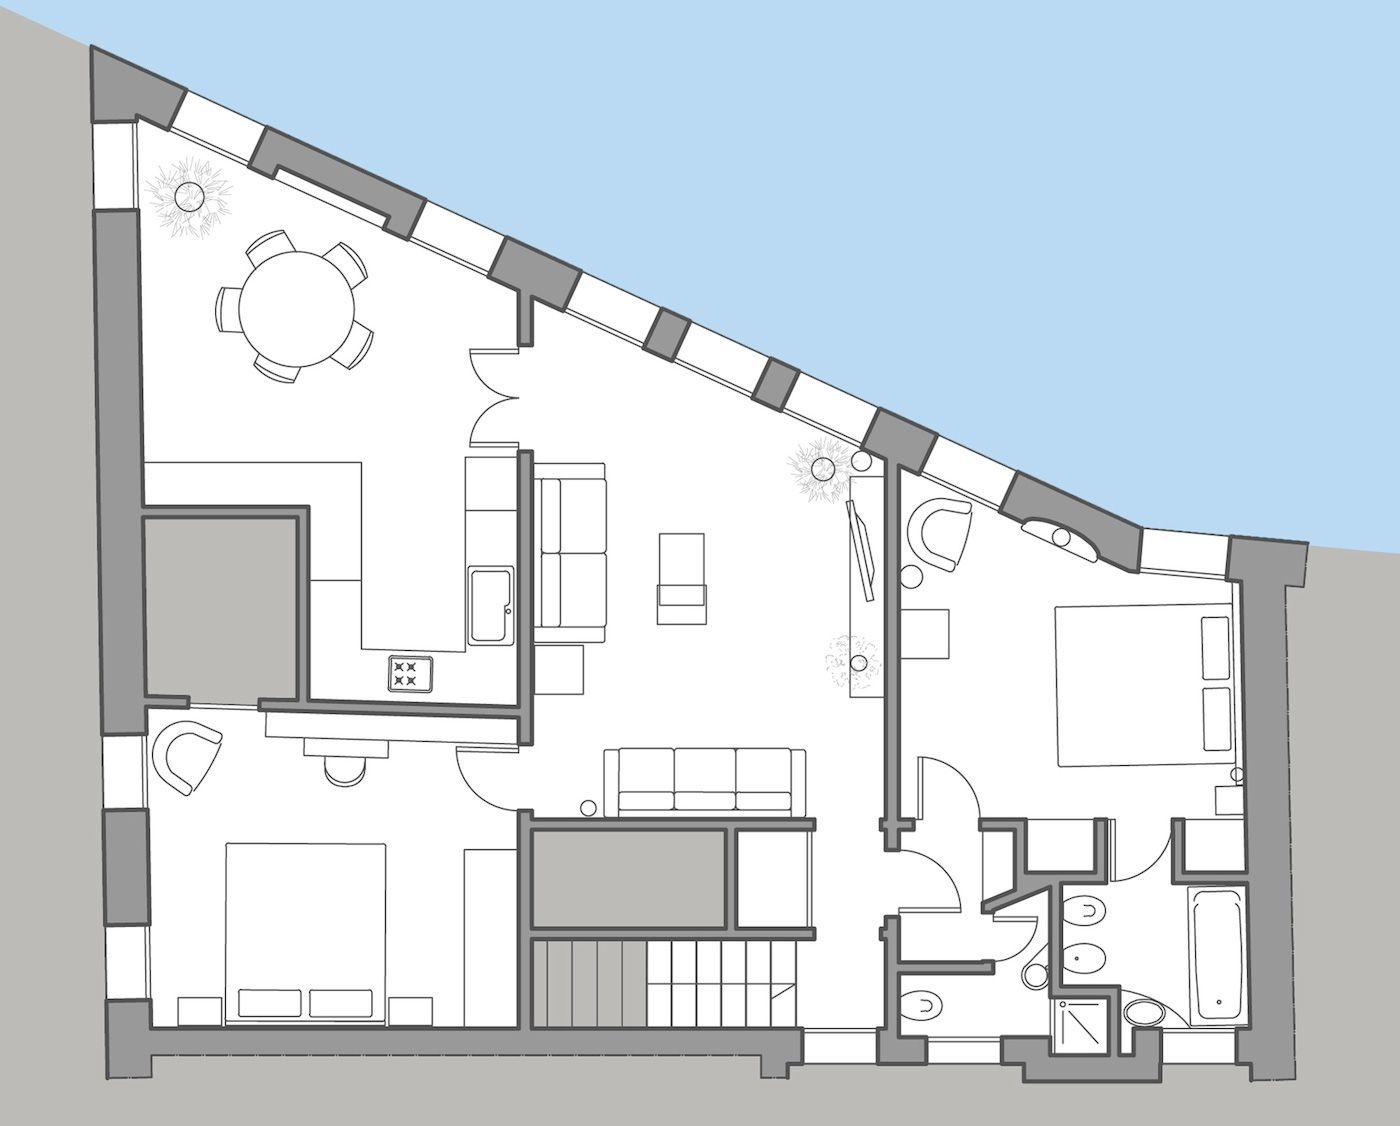 Grimani floor plan